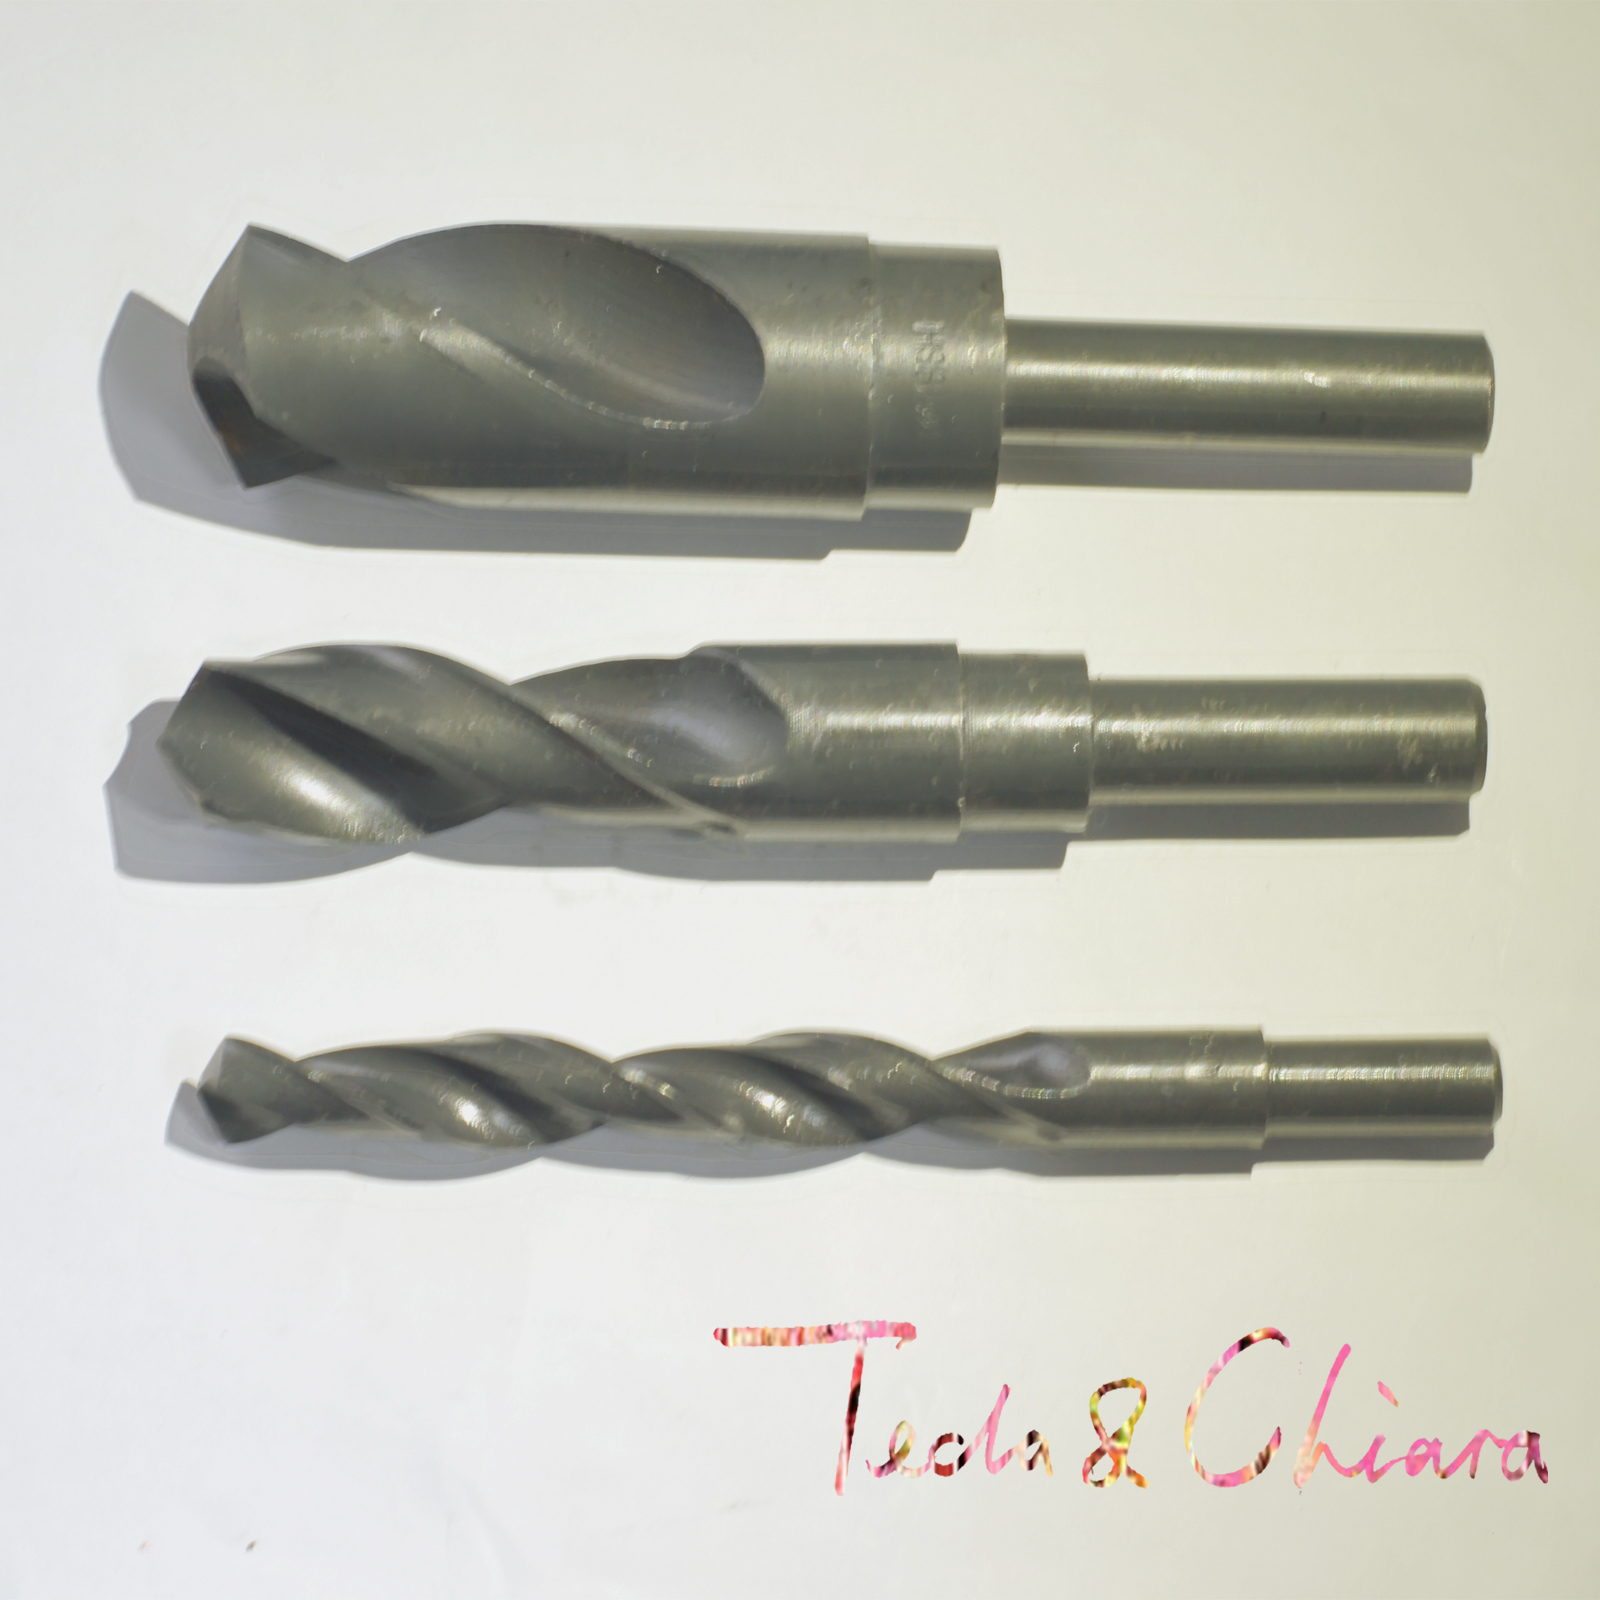 14.6mm 14.7mm 14.8mm 14.9mm 15mm HSS Reduced Straight Crank Twist Drill Bit Shank Dia 12.7mm 1/2 inch 14.6 14.7 14.8 14.9 15 2pcs 1 16 6 16 6mm 16 6 hss reduced shank twist drill bit shank diameter 1 2 inch